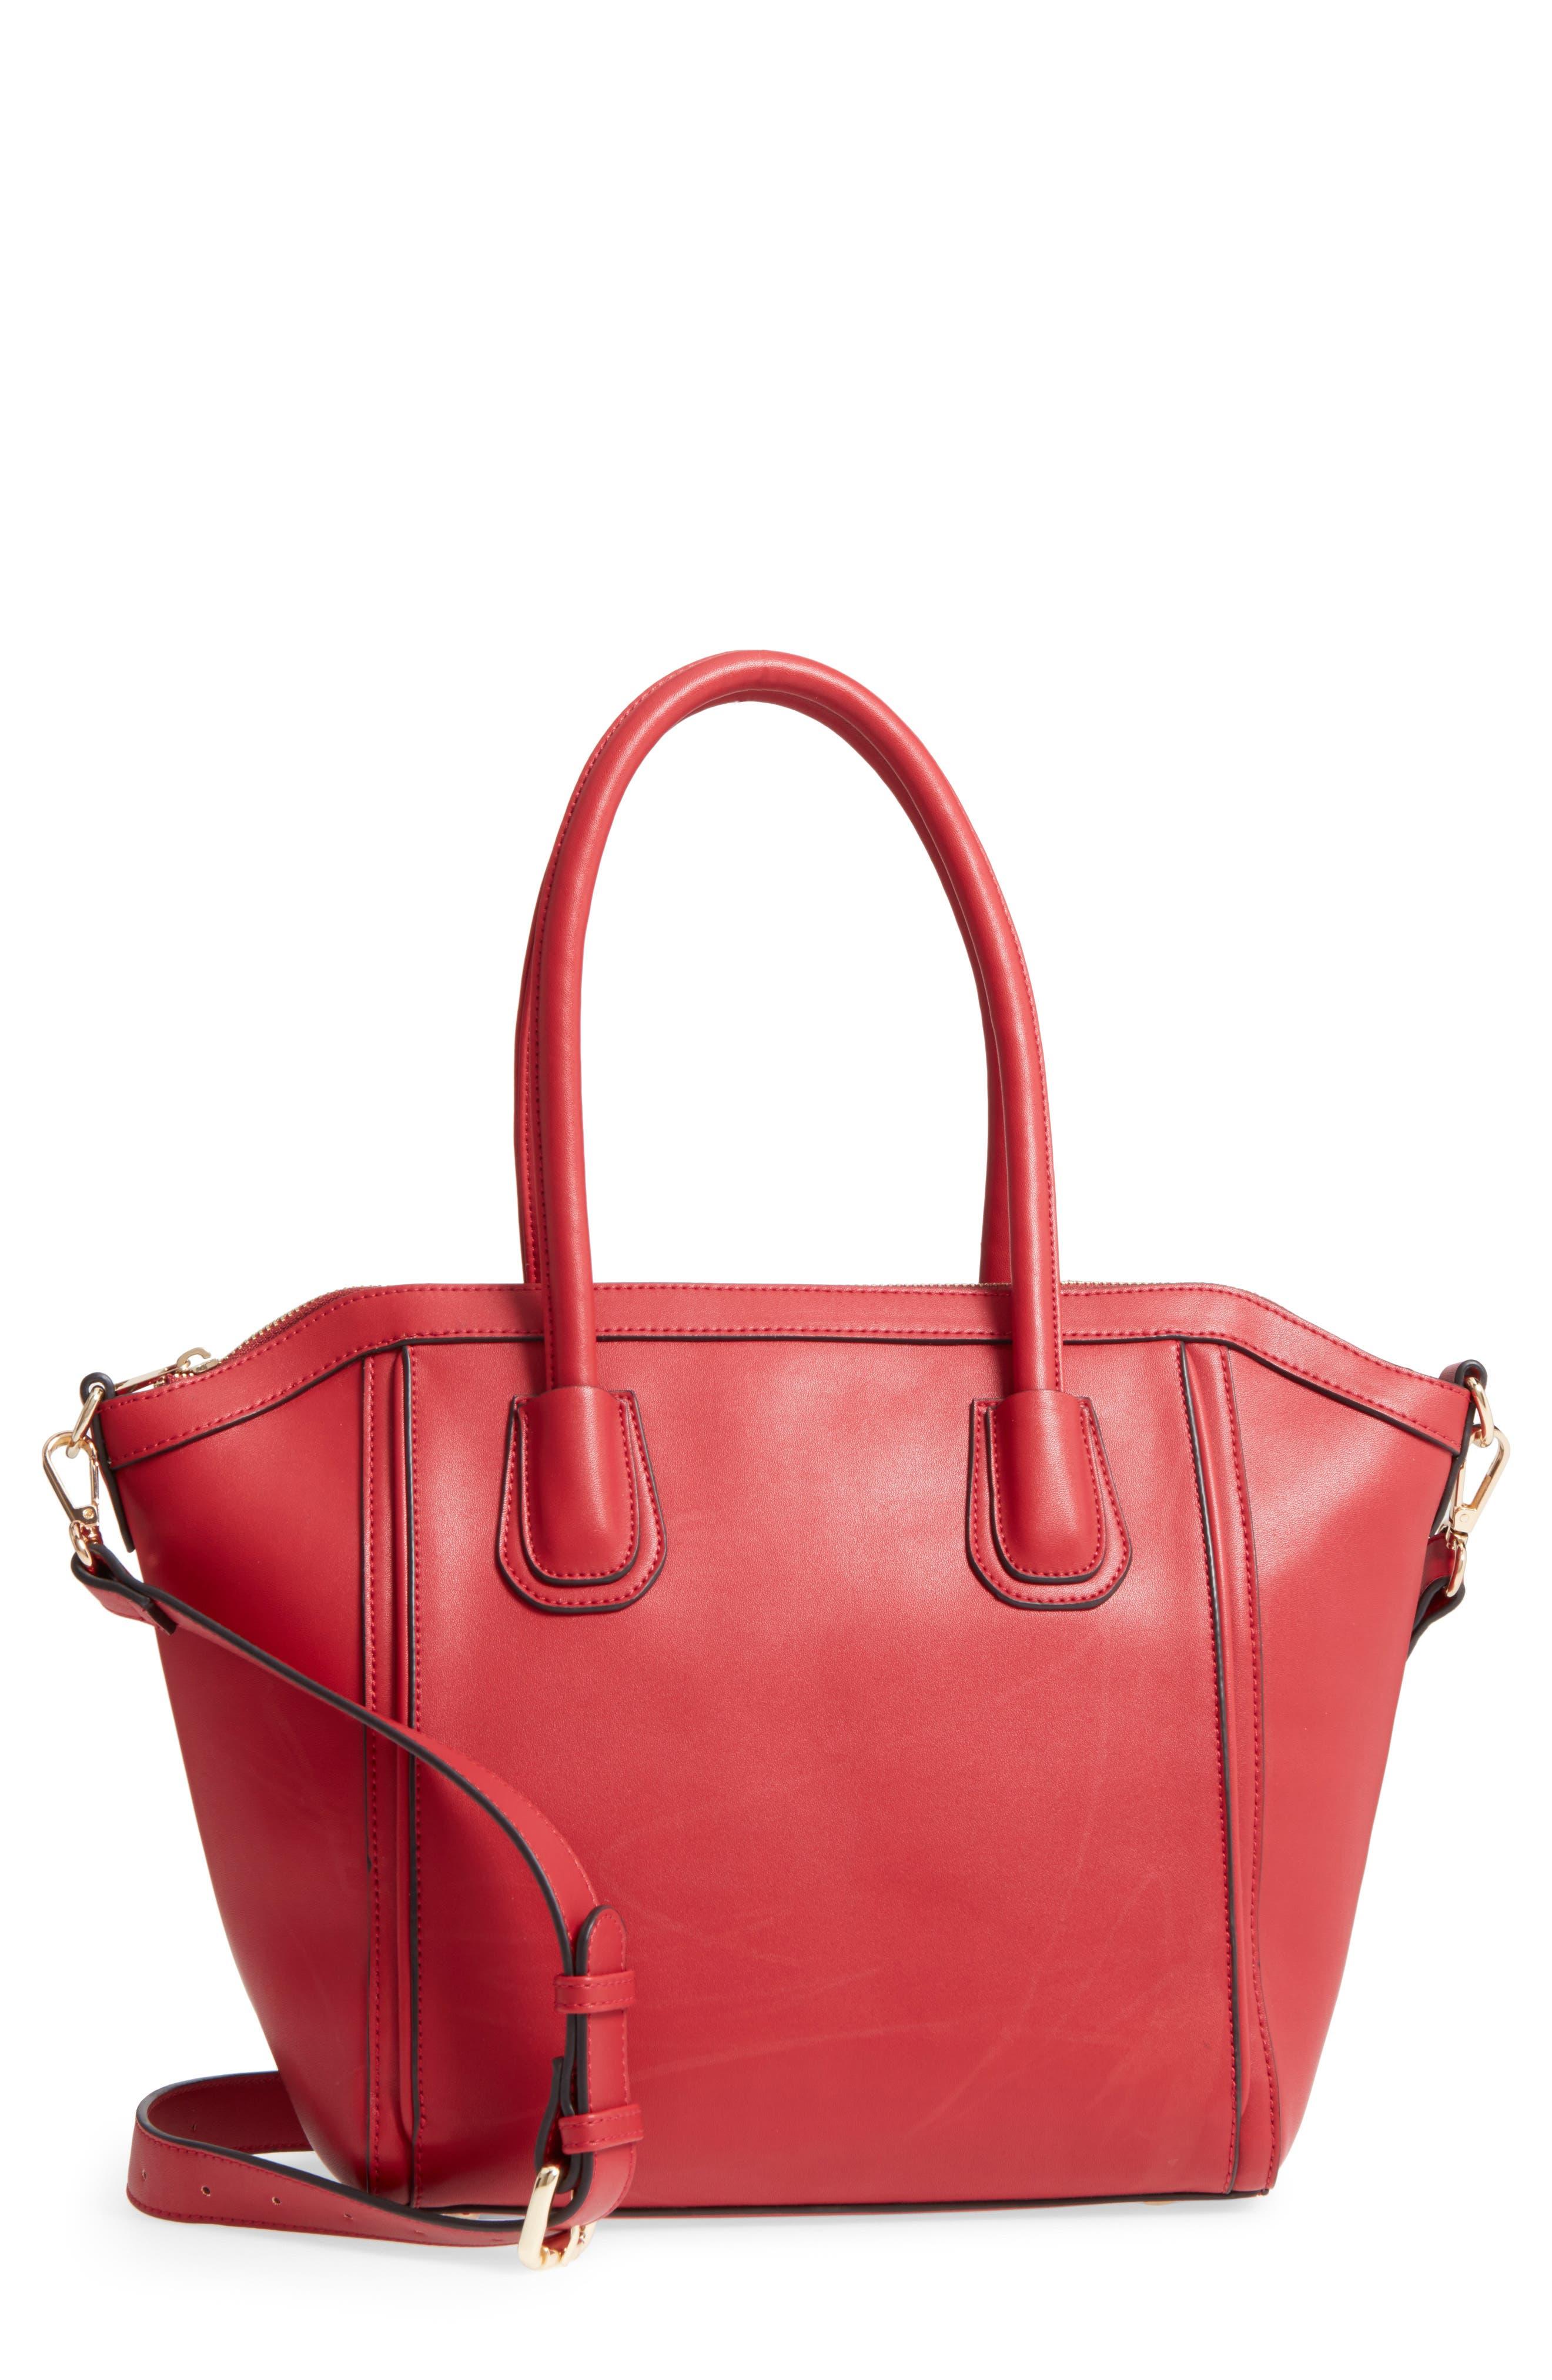 Main Image - Sole Society Amada Faux Leather Satchel